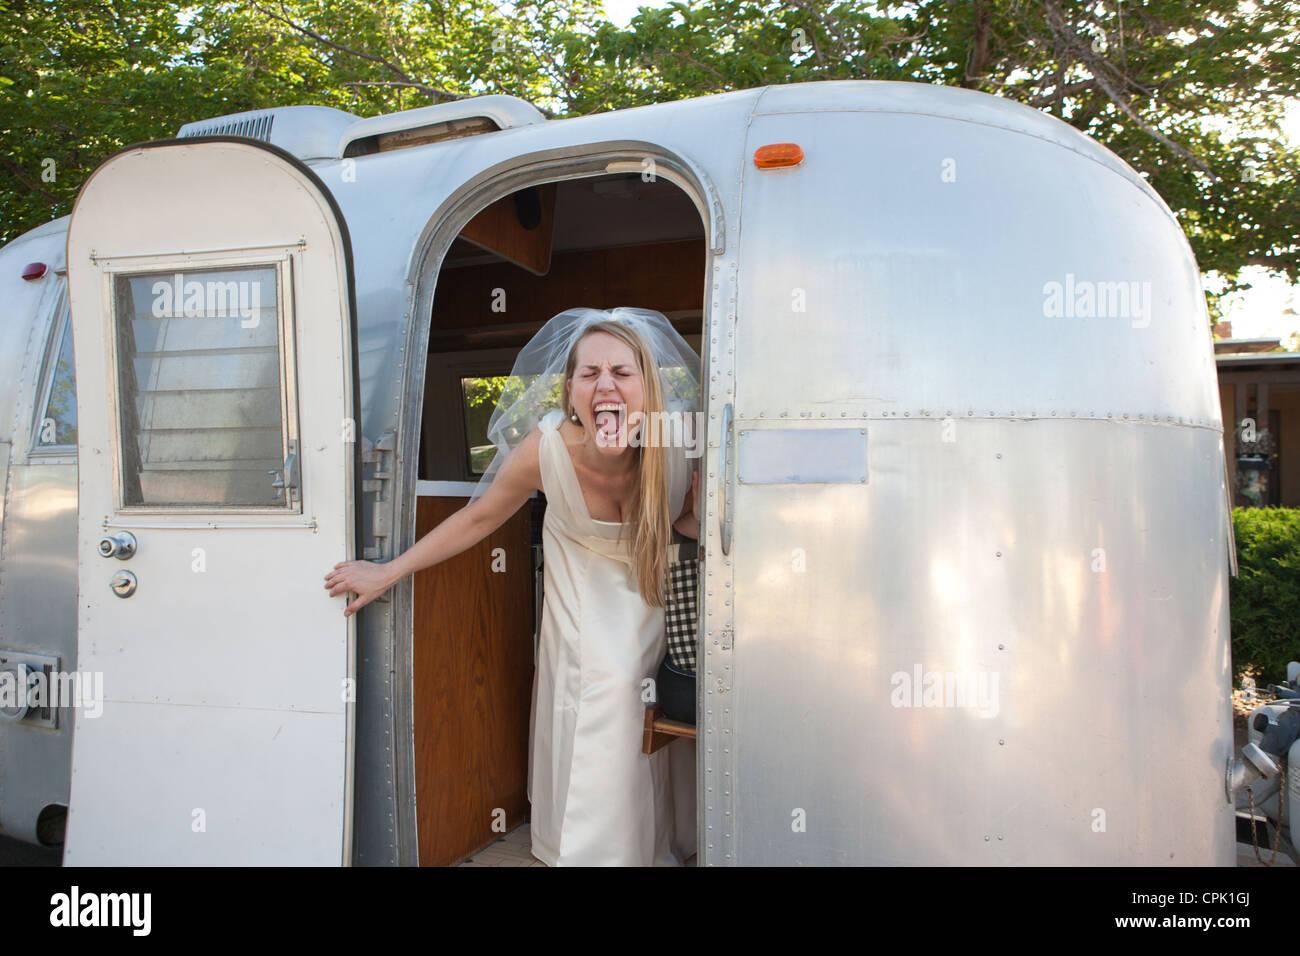 Sposa urlando con entusiasmo all'interno di un rimorchio Airstream. Immagini Stock